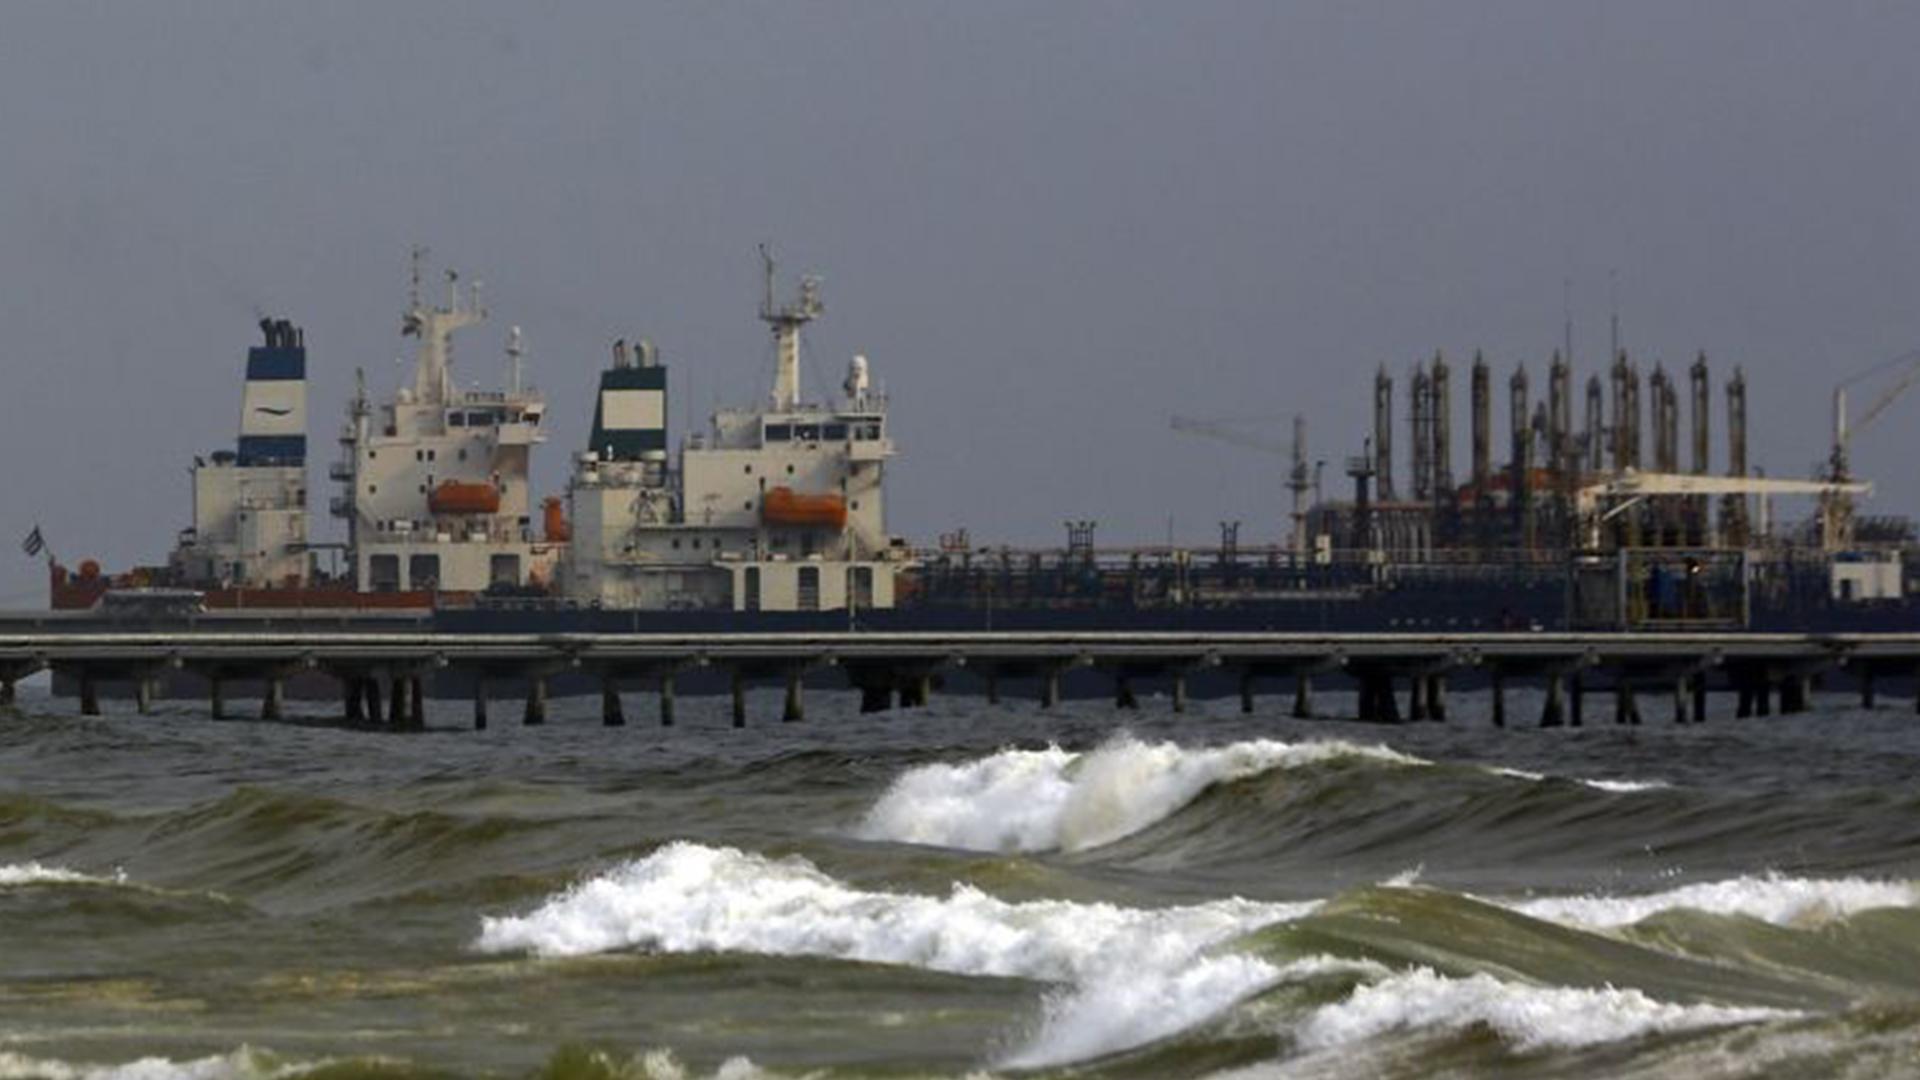 Gobierno de Irán está dispuesto a enviar más cargamentos de gasolina a Venezuela